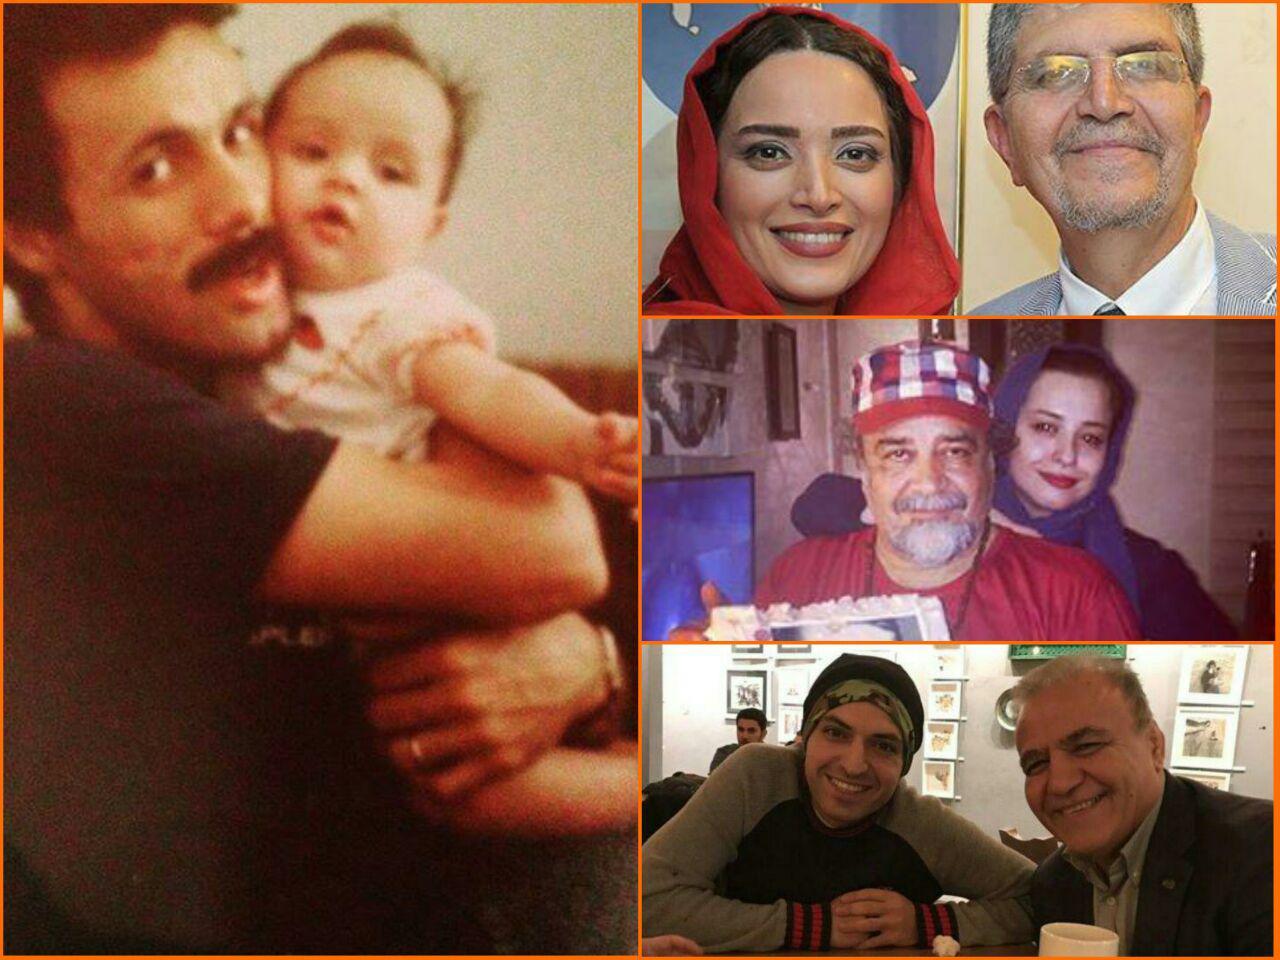 گزارش تصویری و ویدیویی اینستاگرامی روز مرد و پدر بازیگران و هنرمندان